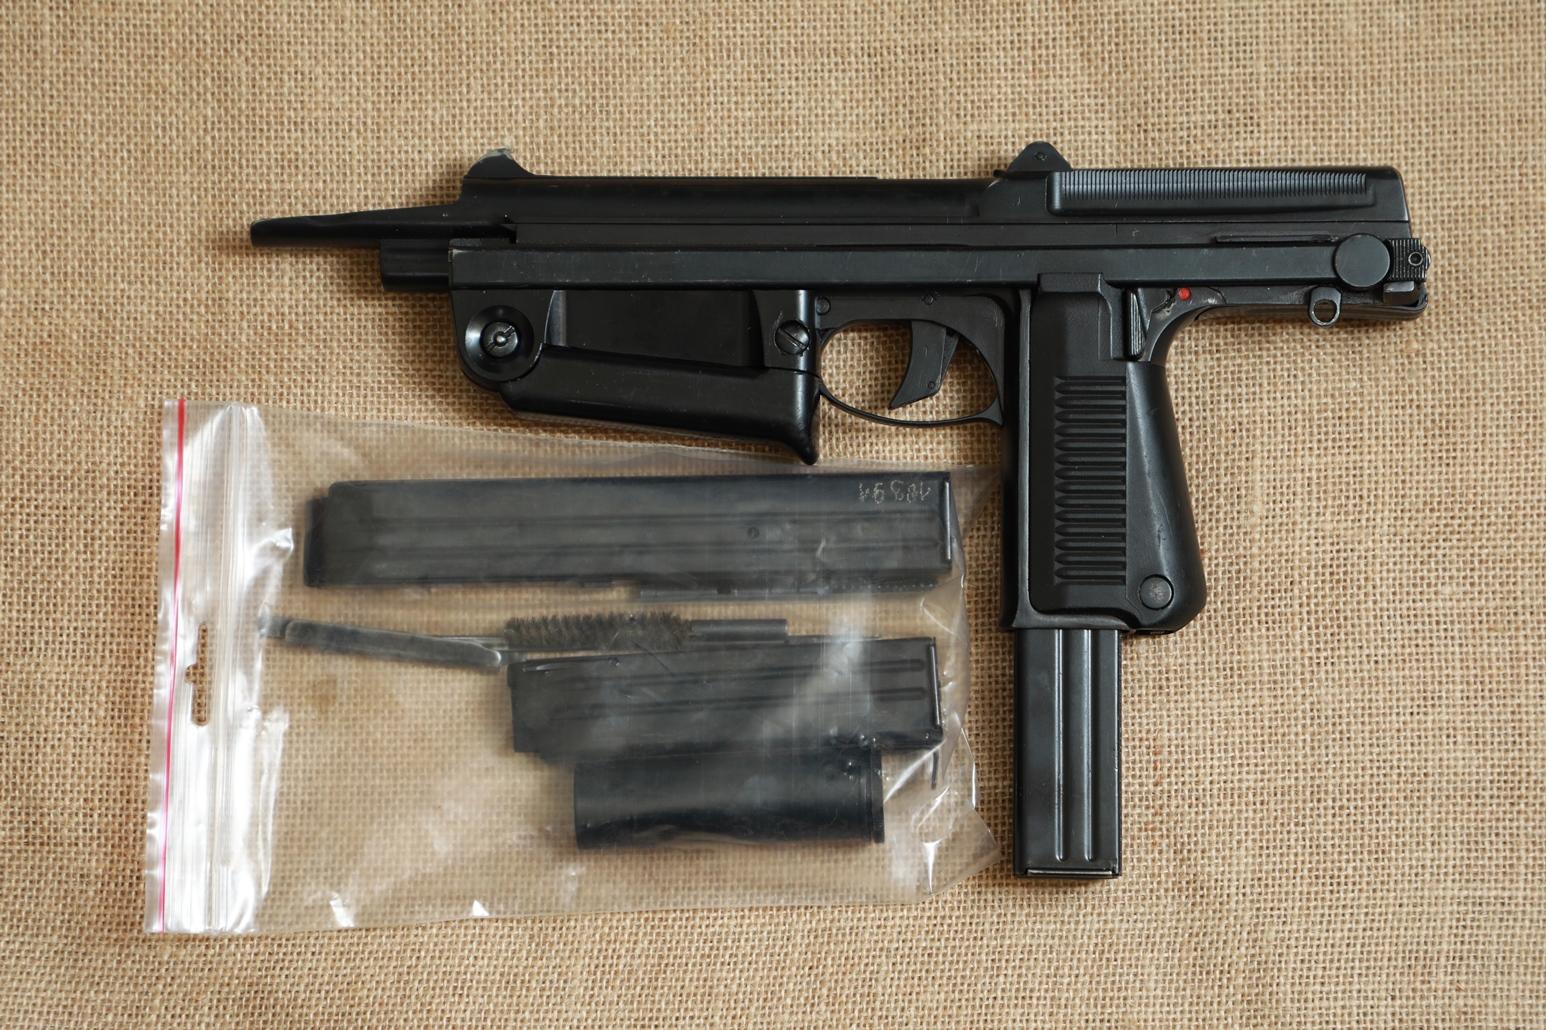 Охолощенный пистолет-пулемет RAK-63 #АМ 05621 1969 год, 1 категория